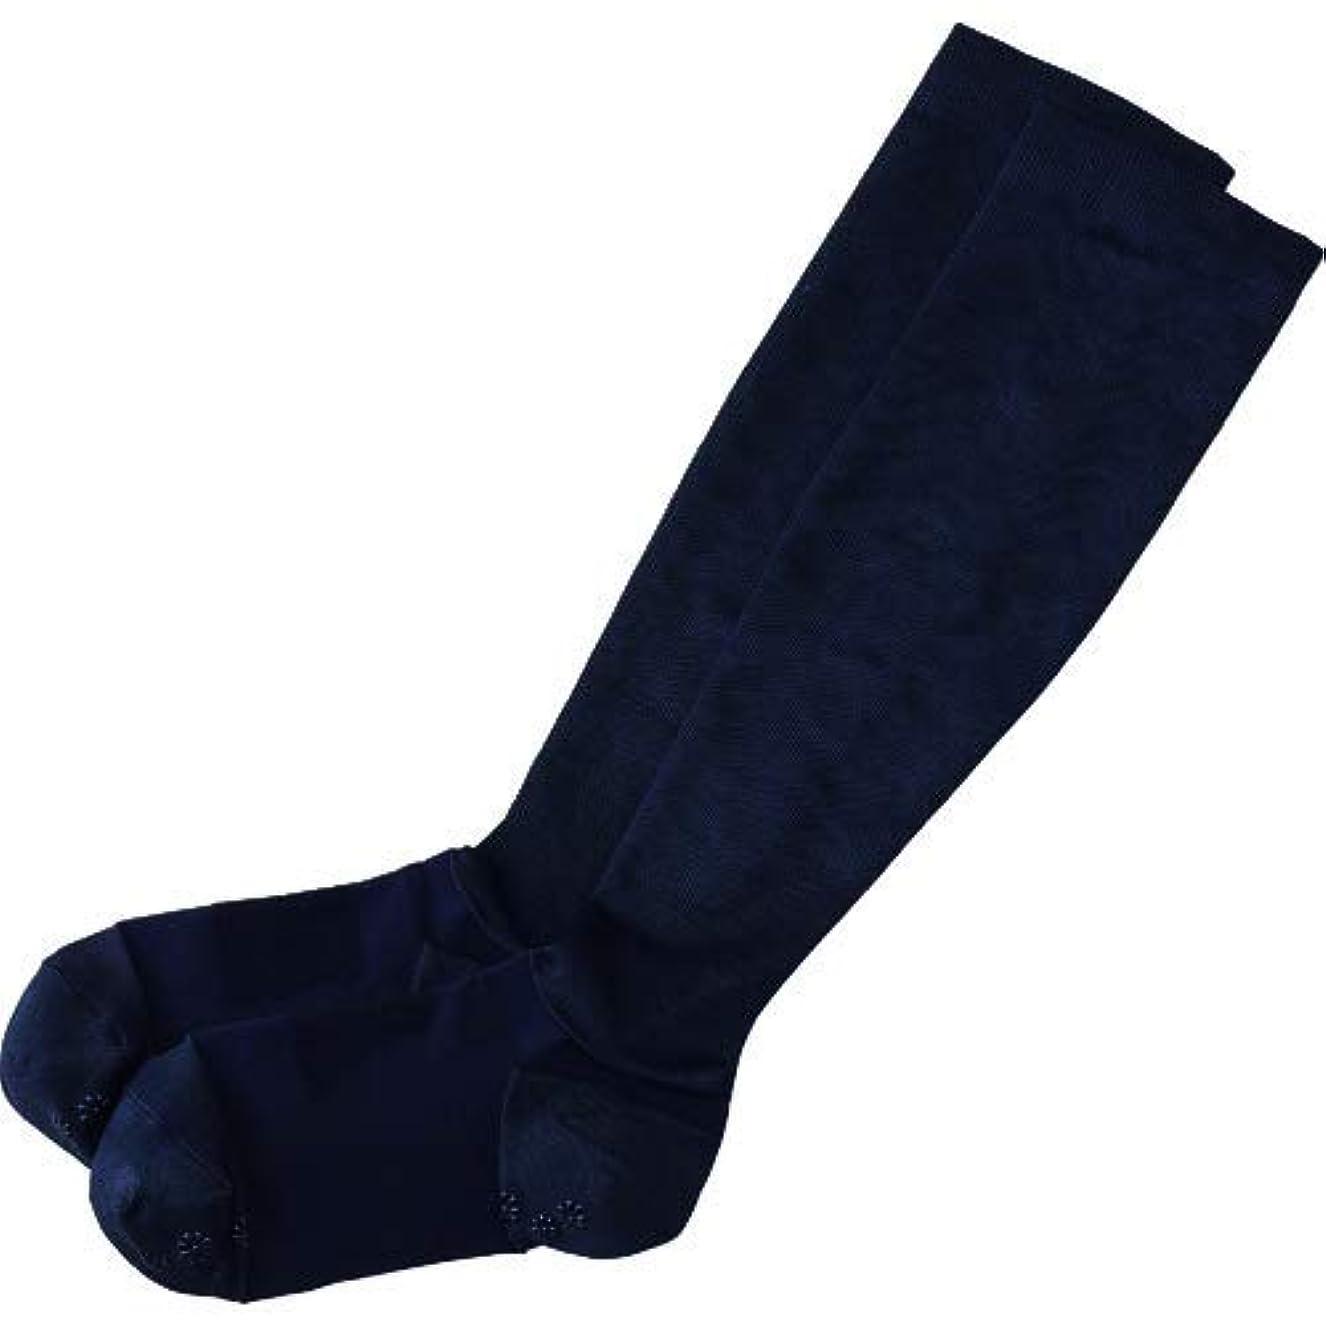 ブーストシネマ恥ずかしさハクゾウ ハクゾウ足もとサポートソックス Sサイズ(22~24cm) ブラック?3000091